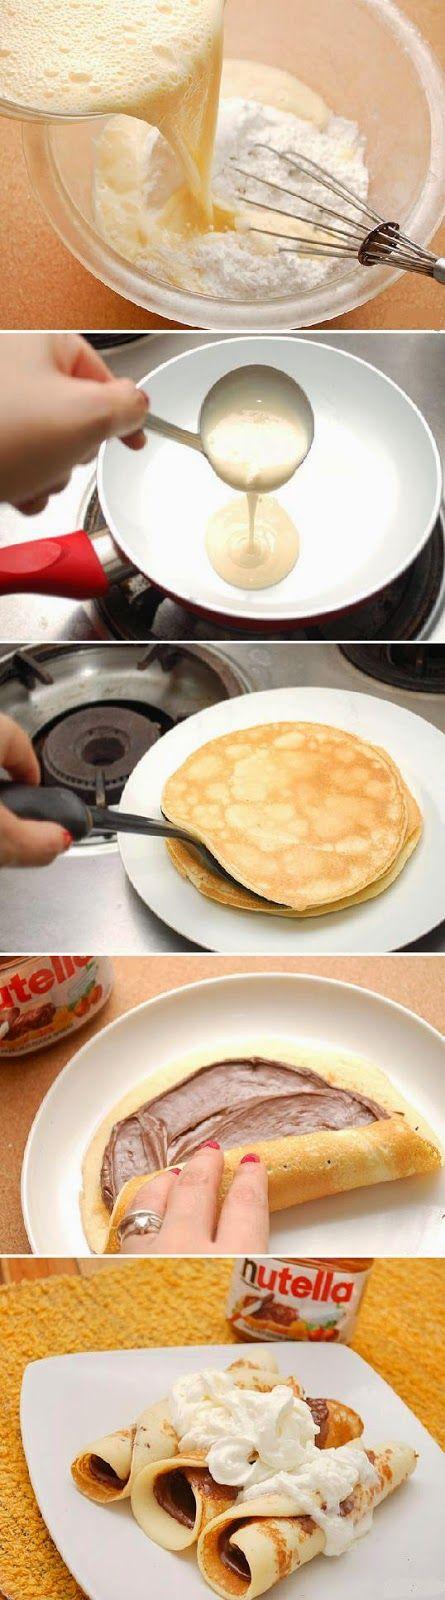 Ingredientes 1 1/8 tazas de harina 1 cucharada de sal pizca de azúcar 3 huevos batidos 1 1/2 tazas de leche 1 cucharada de mantequilla, derretida y fría 1 cucharadita de Nutella esencia de vainilla -